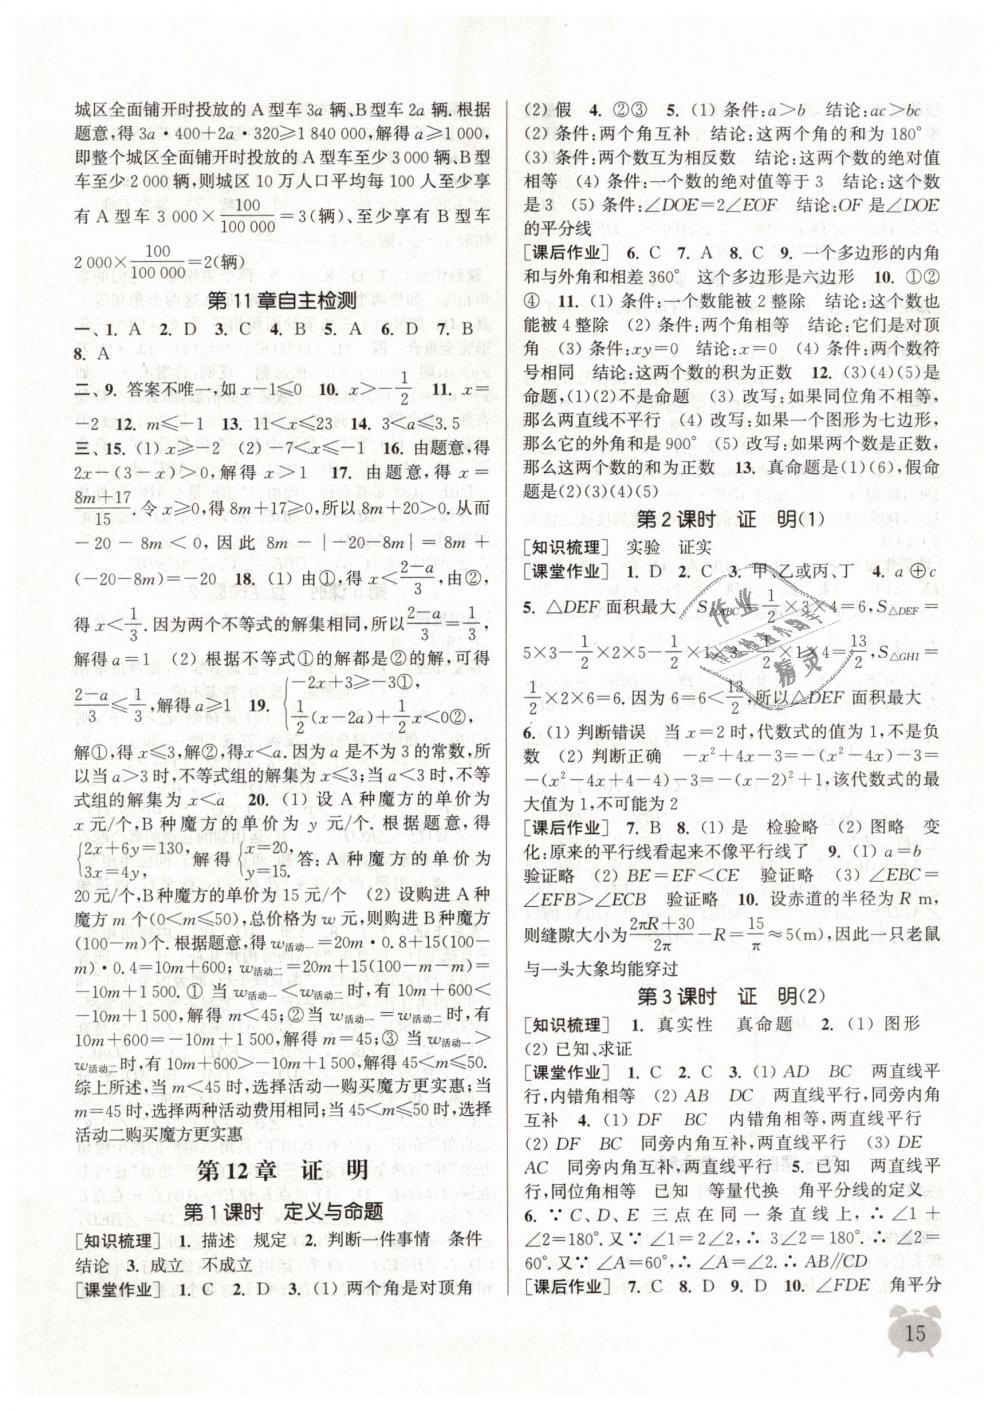 2019年通城学典课时作业本七年级数学下册苏科版江苏专用第15页